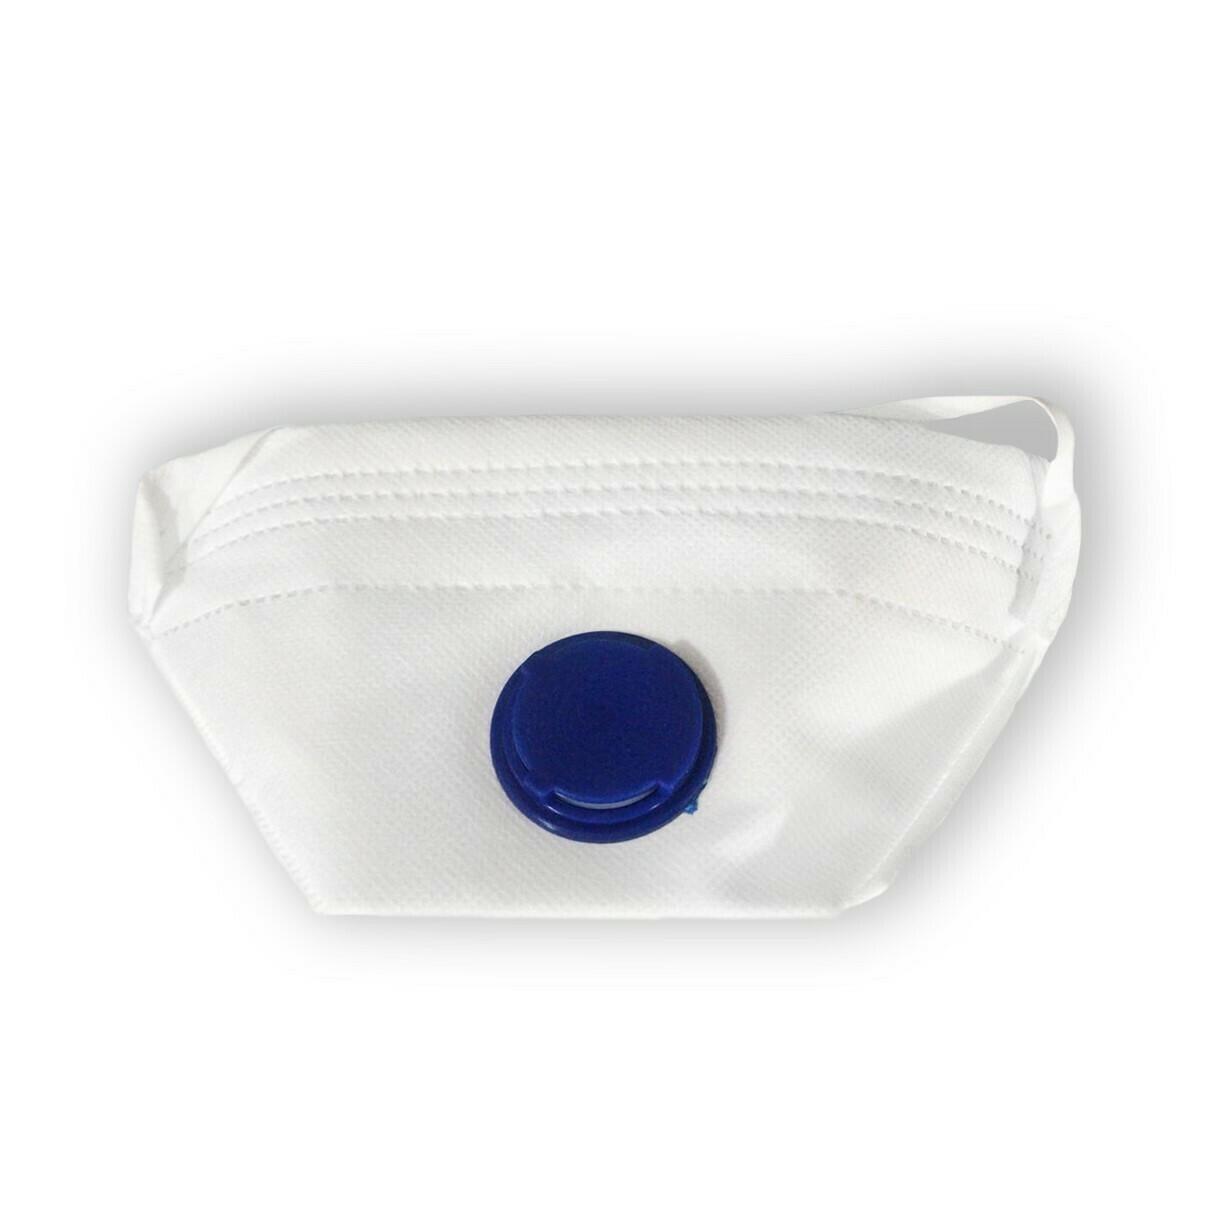 Atemschutzmasken FFP3 mit Ventil - 10er Packung